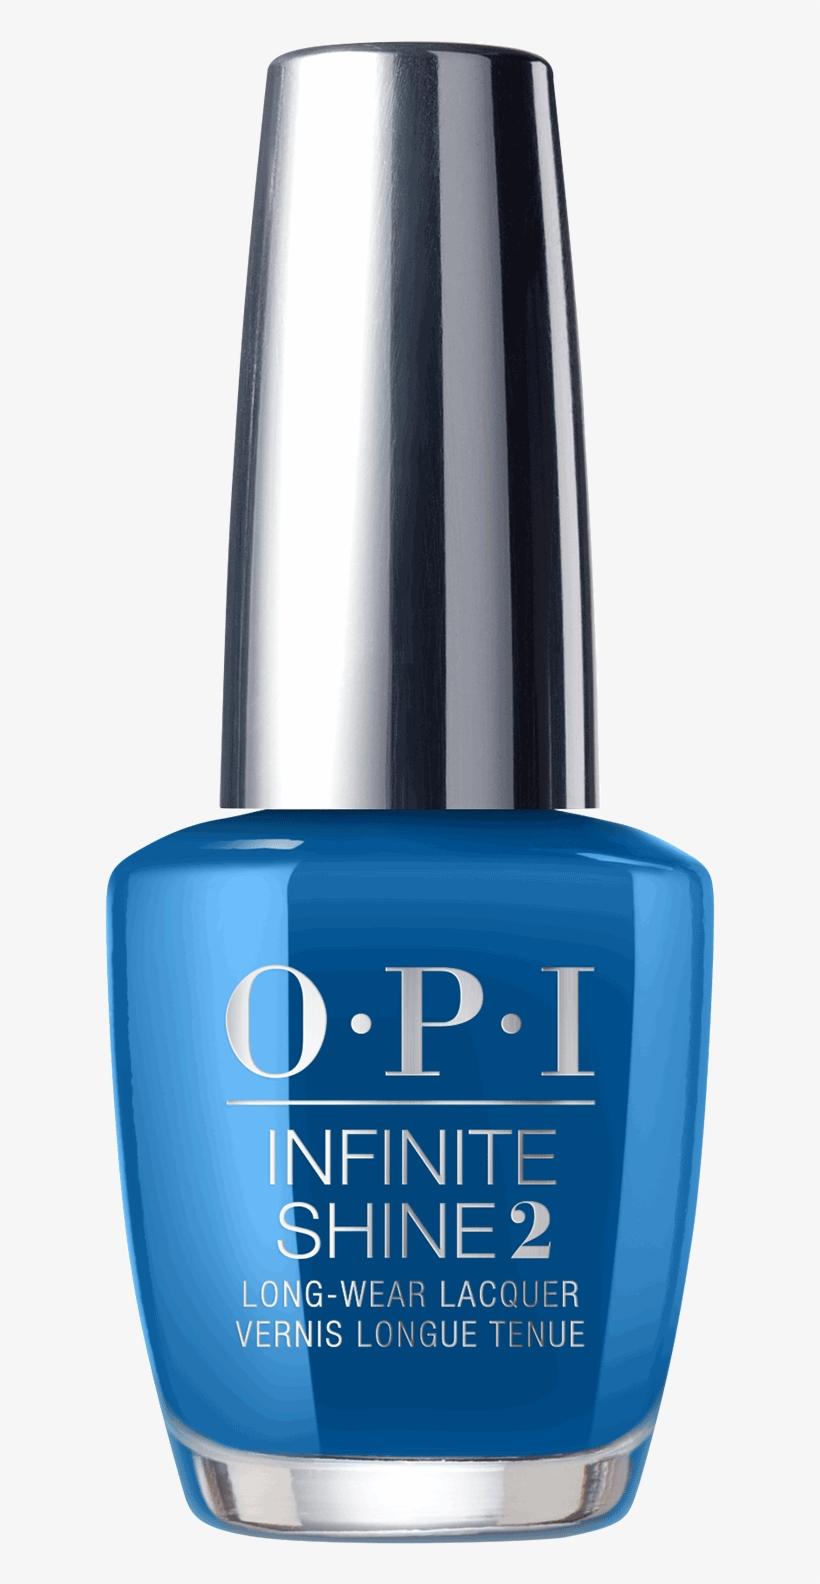 Super Trop I Cal L Fiji Istic - Opi Infinite Shine 2 Nail Lacquer Less, transparent png #1636773